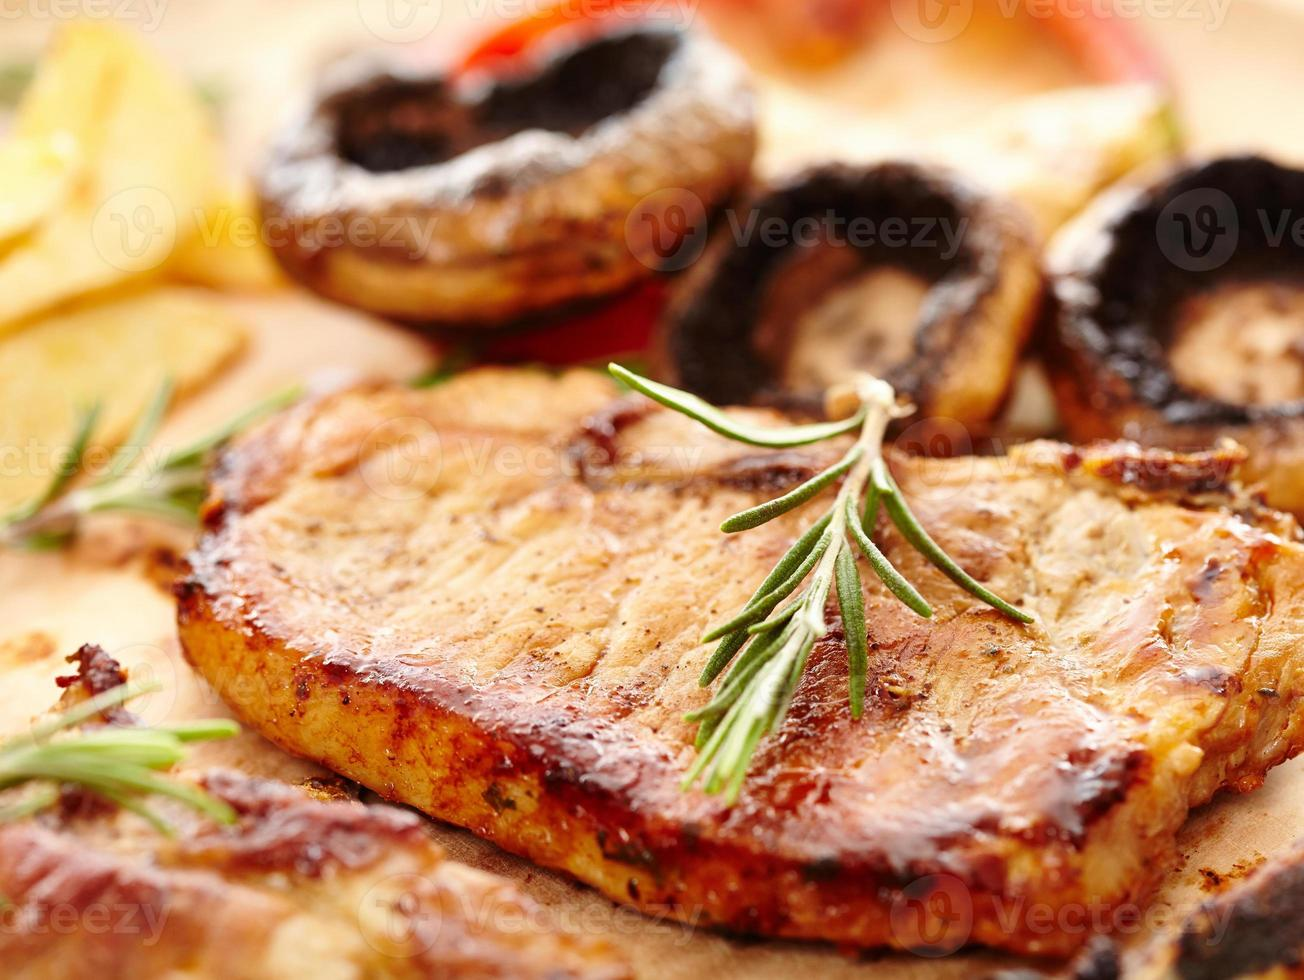 gebakken ossenhaas en gegrilde champignons foto